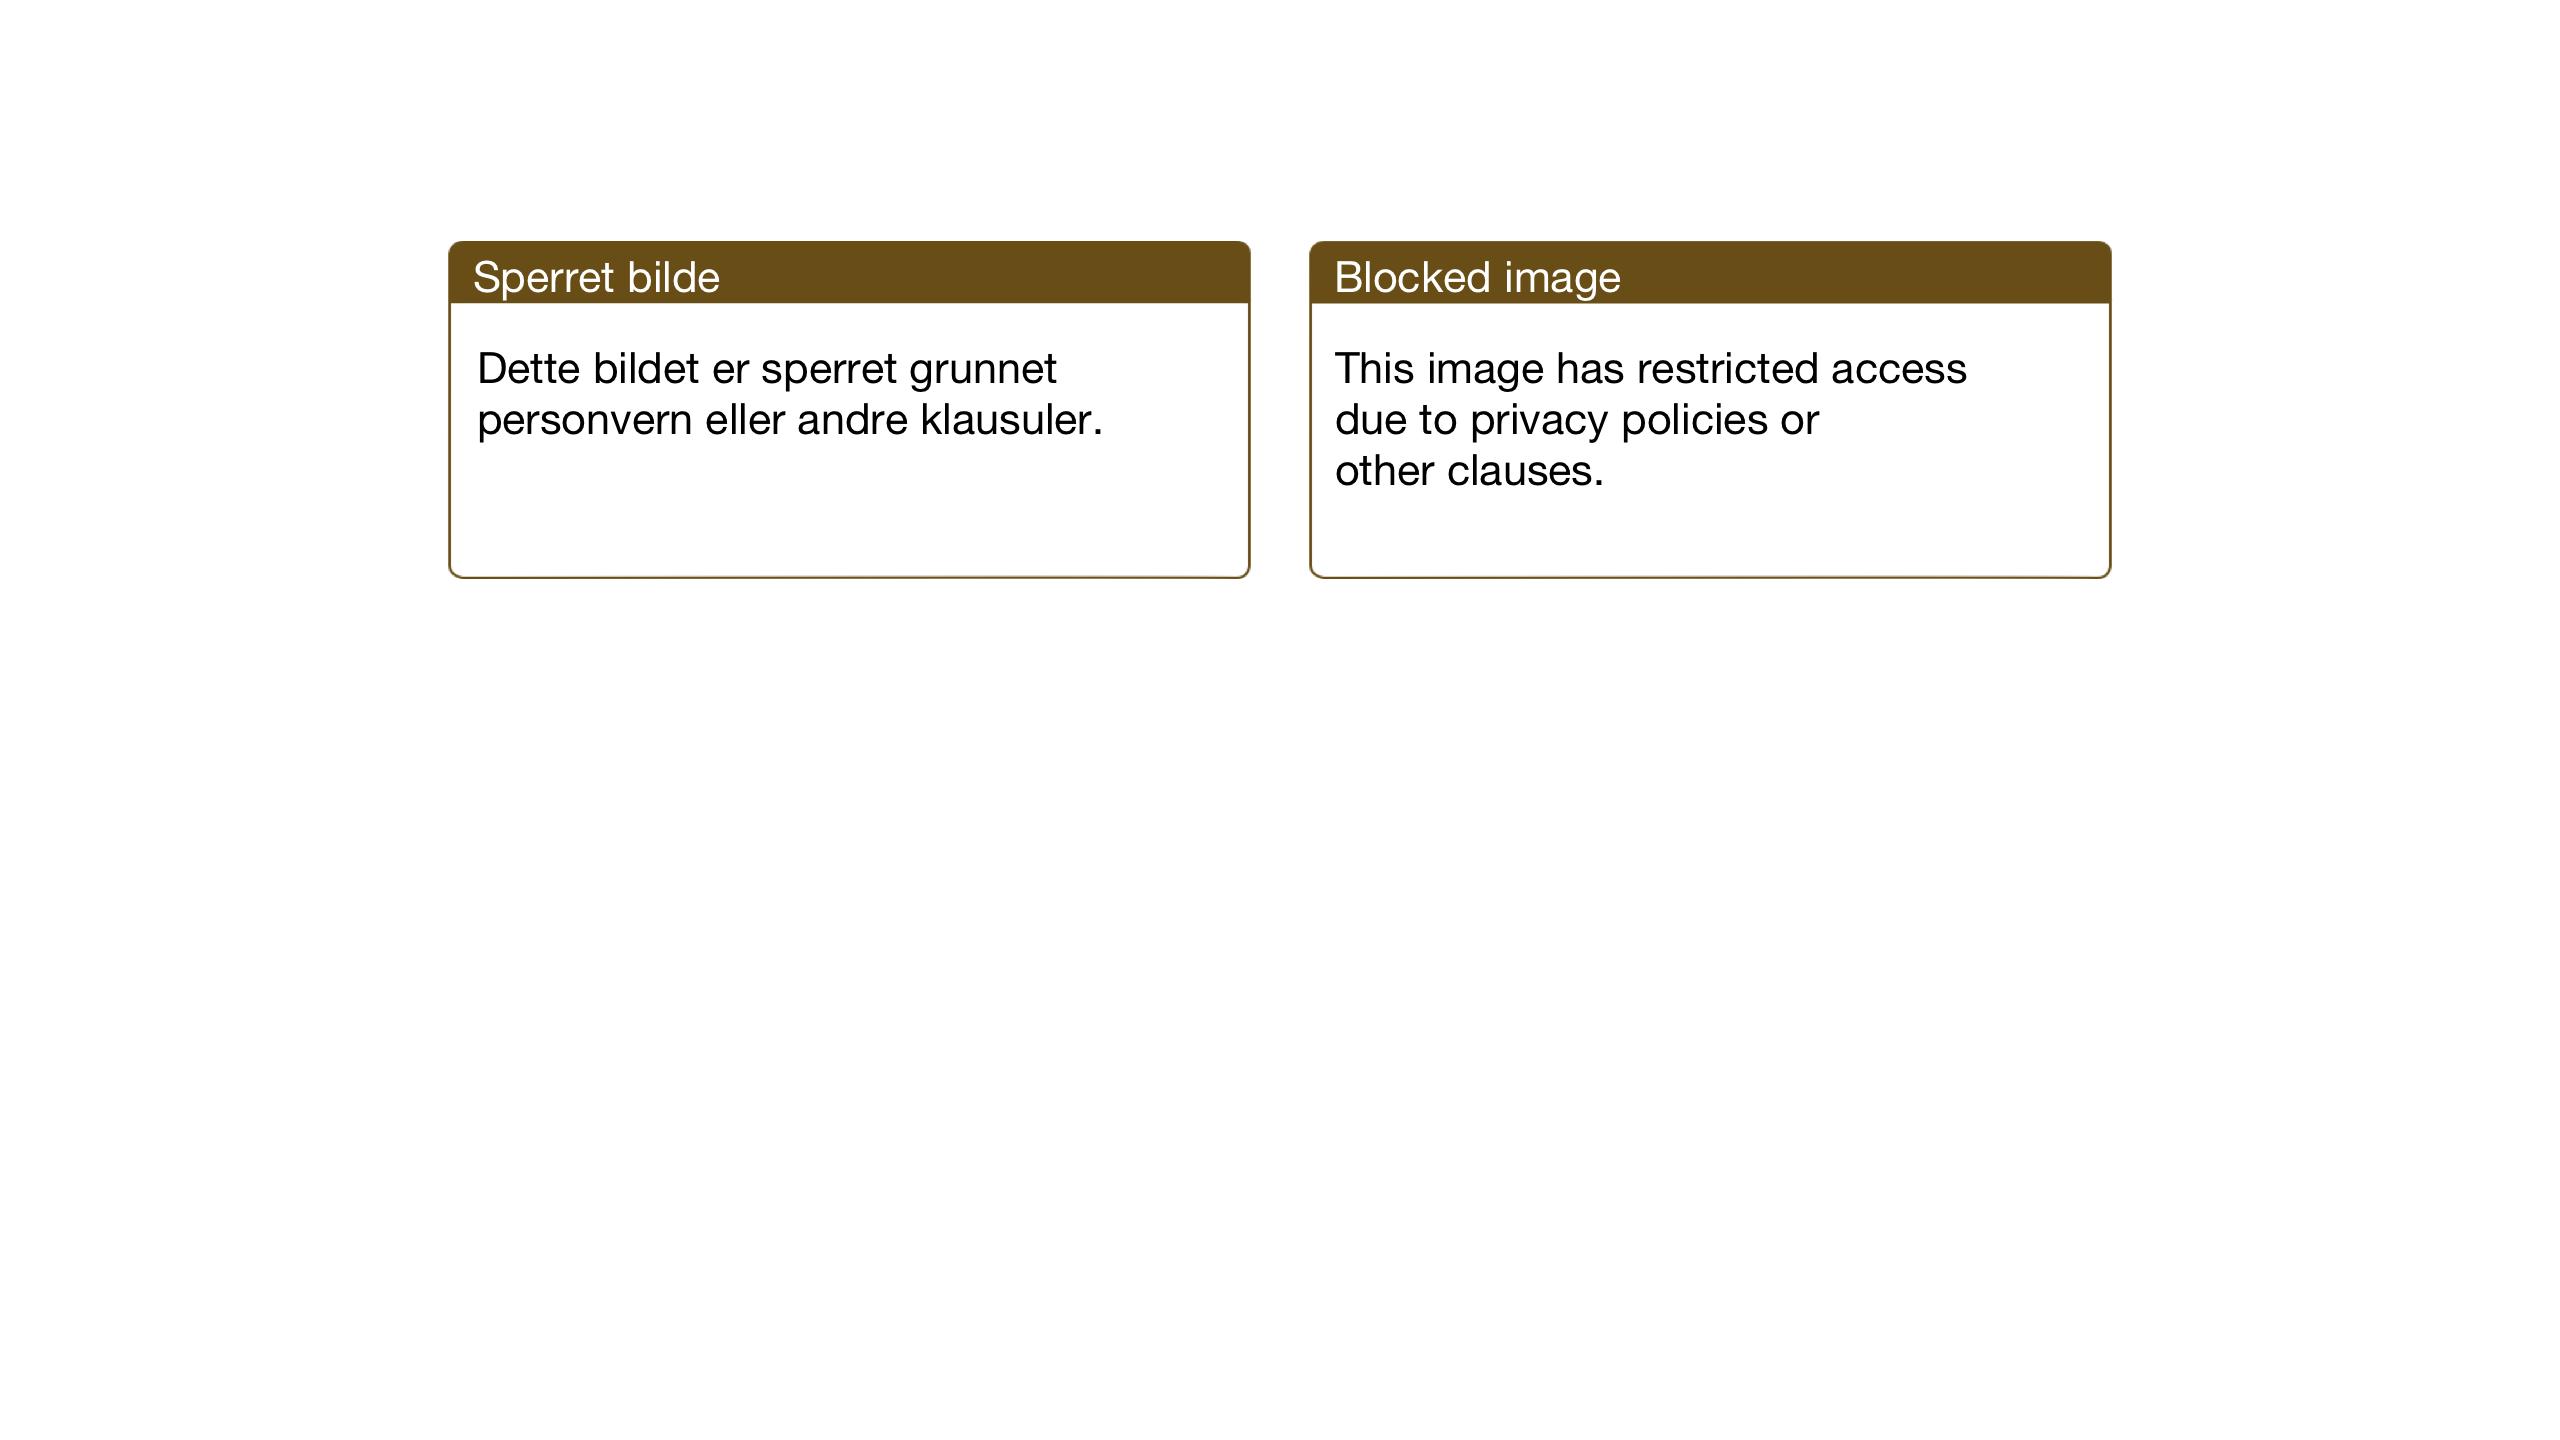 SAT, Ministerialprotokoller, klokkerbøker og fødselsregistre - Sør-Trøndelag, 603/L0173: Klokkerbok nr. 603C01, 1907-1962, s. 89